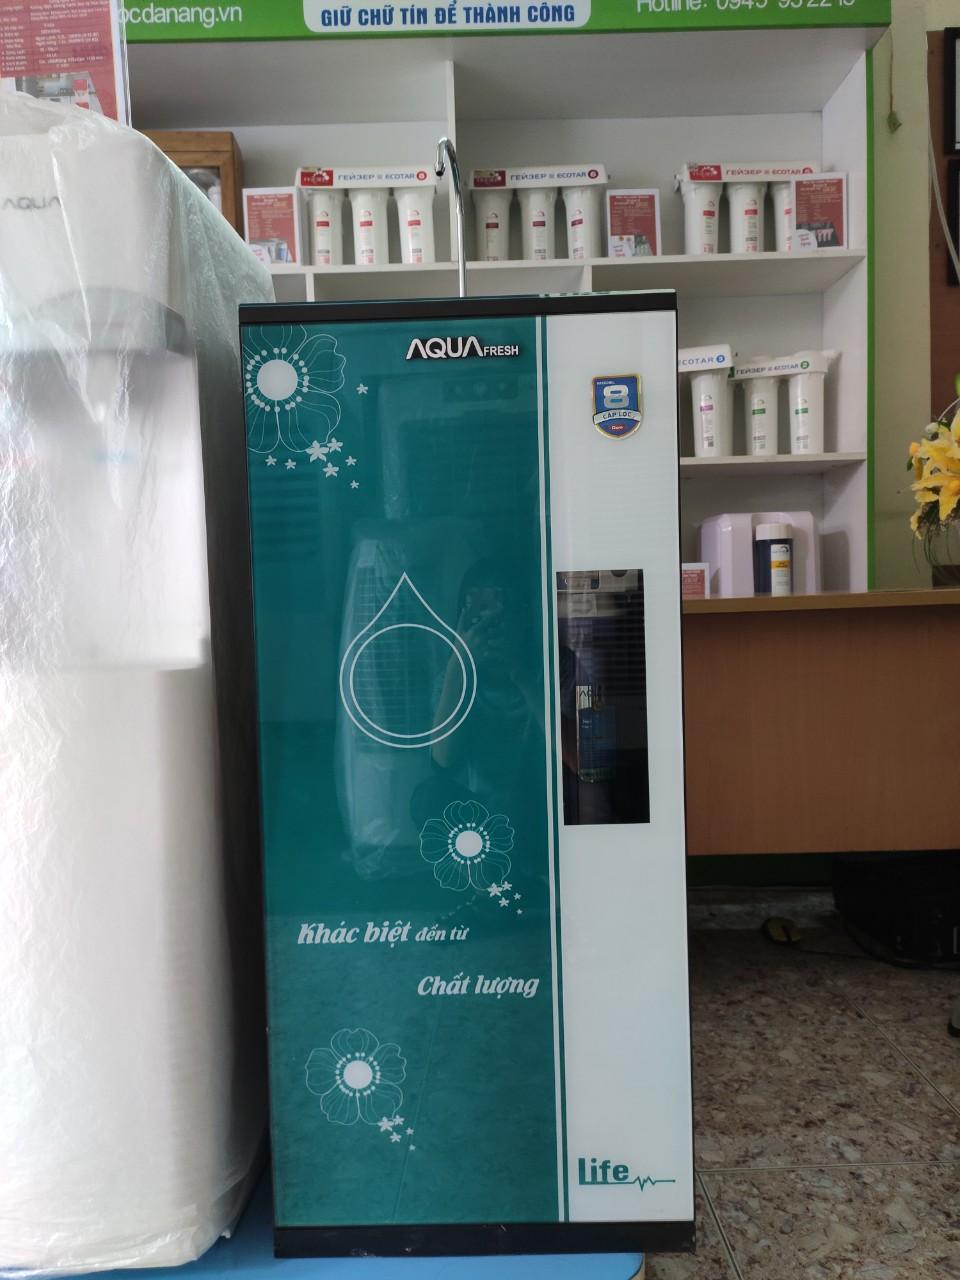 Máy lọc nước Aqua Fresh 8 Cấp Lọc máy lọc nước công nghệ mỹ tại đà nẵng